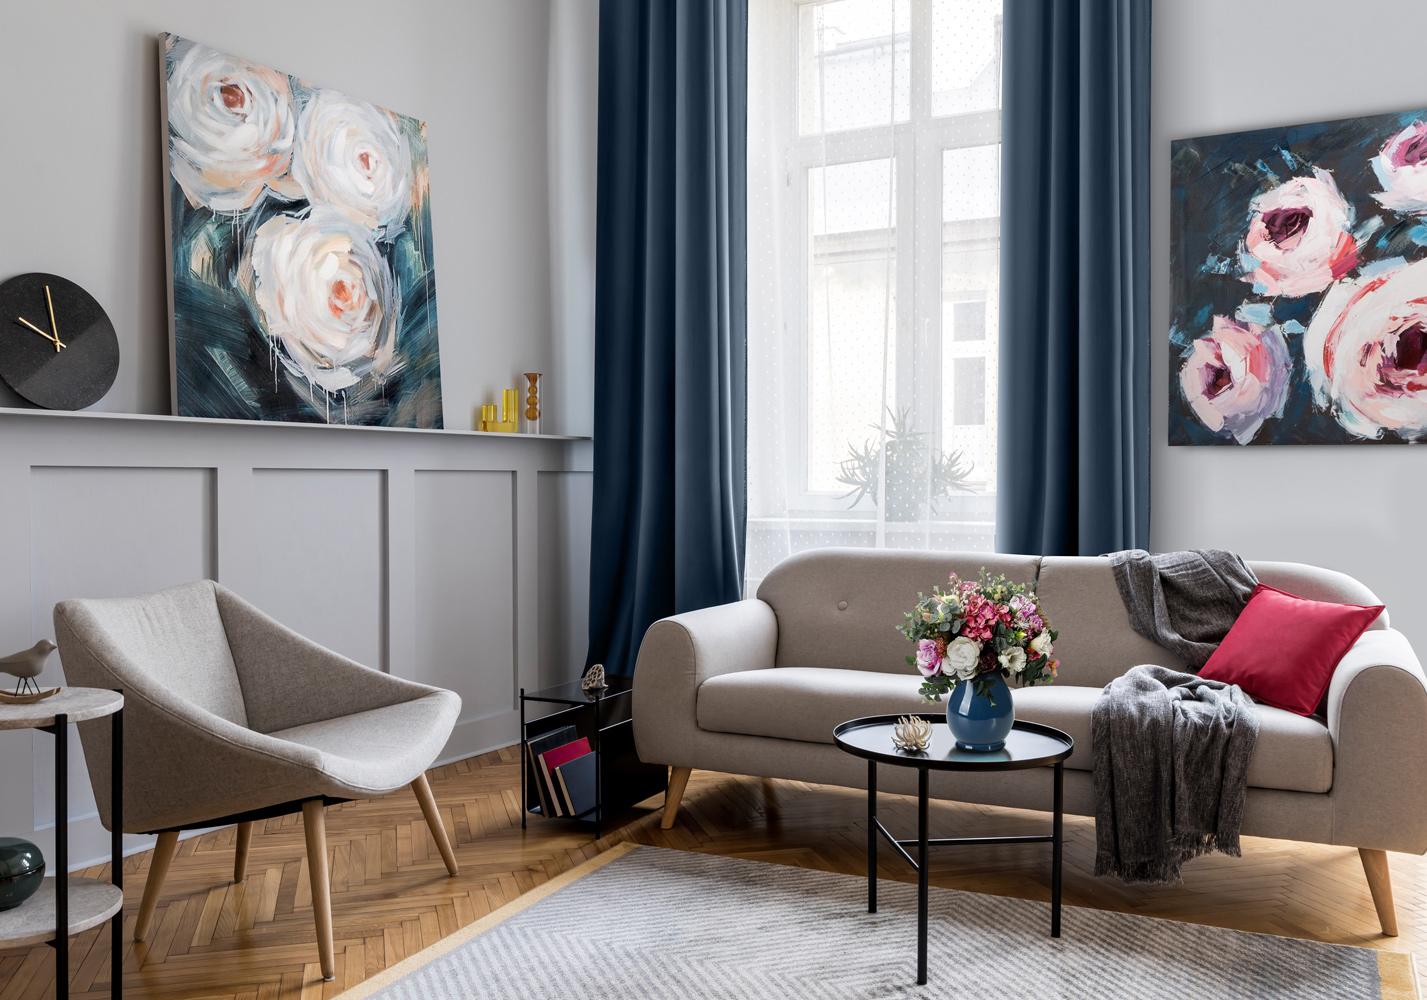 Jak samodzielnie zrobić ozdoby, dekoracje do pokoju?